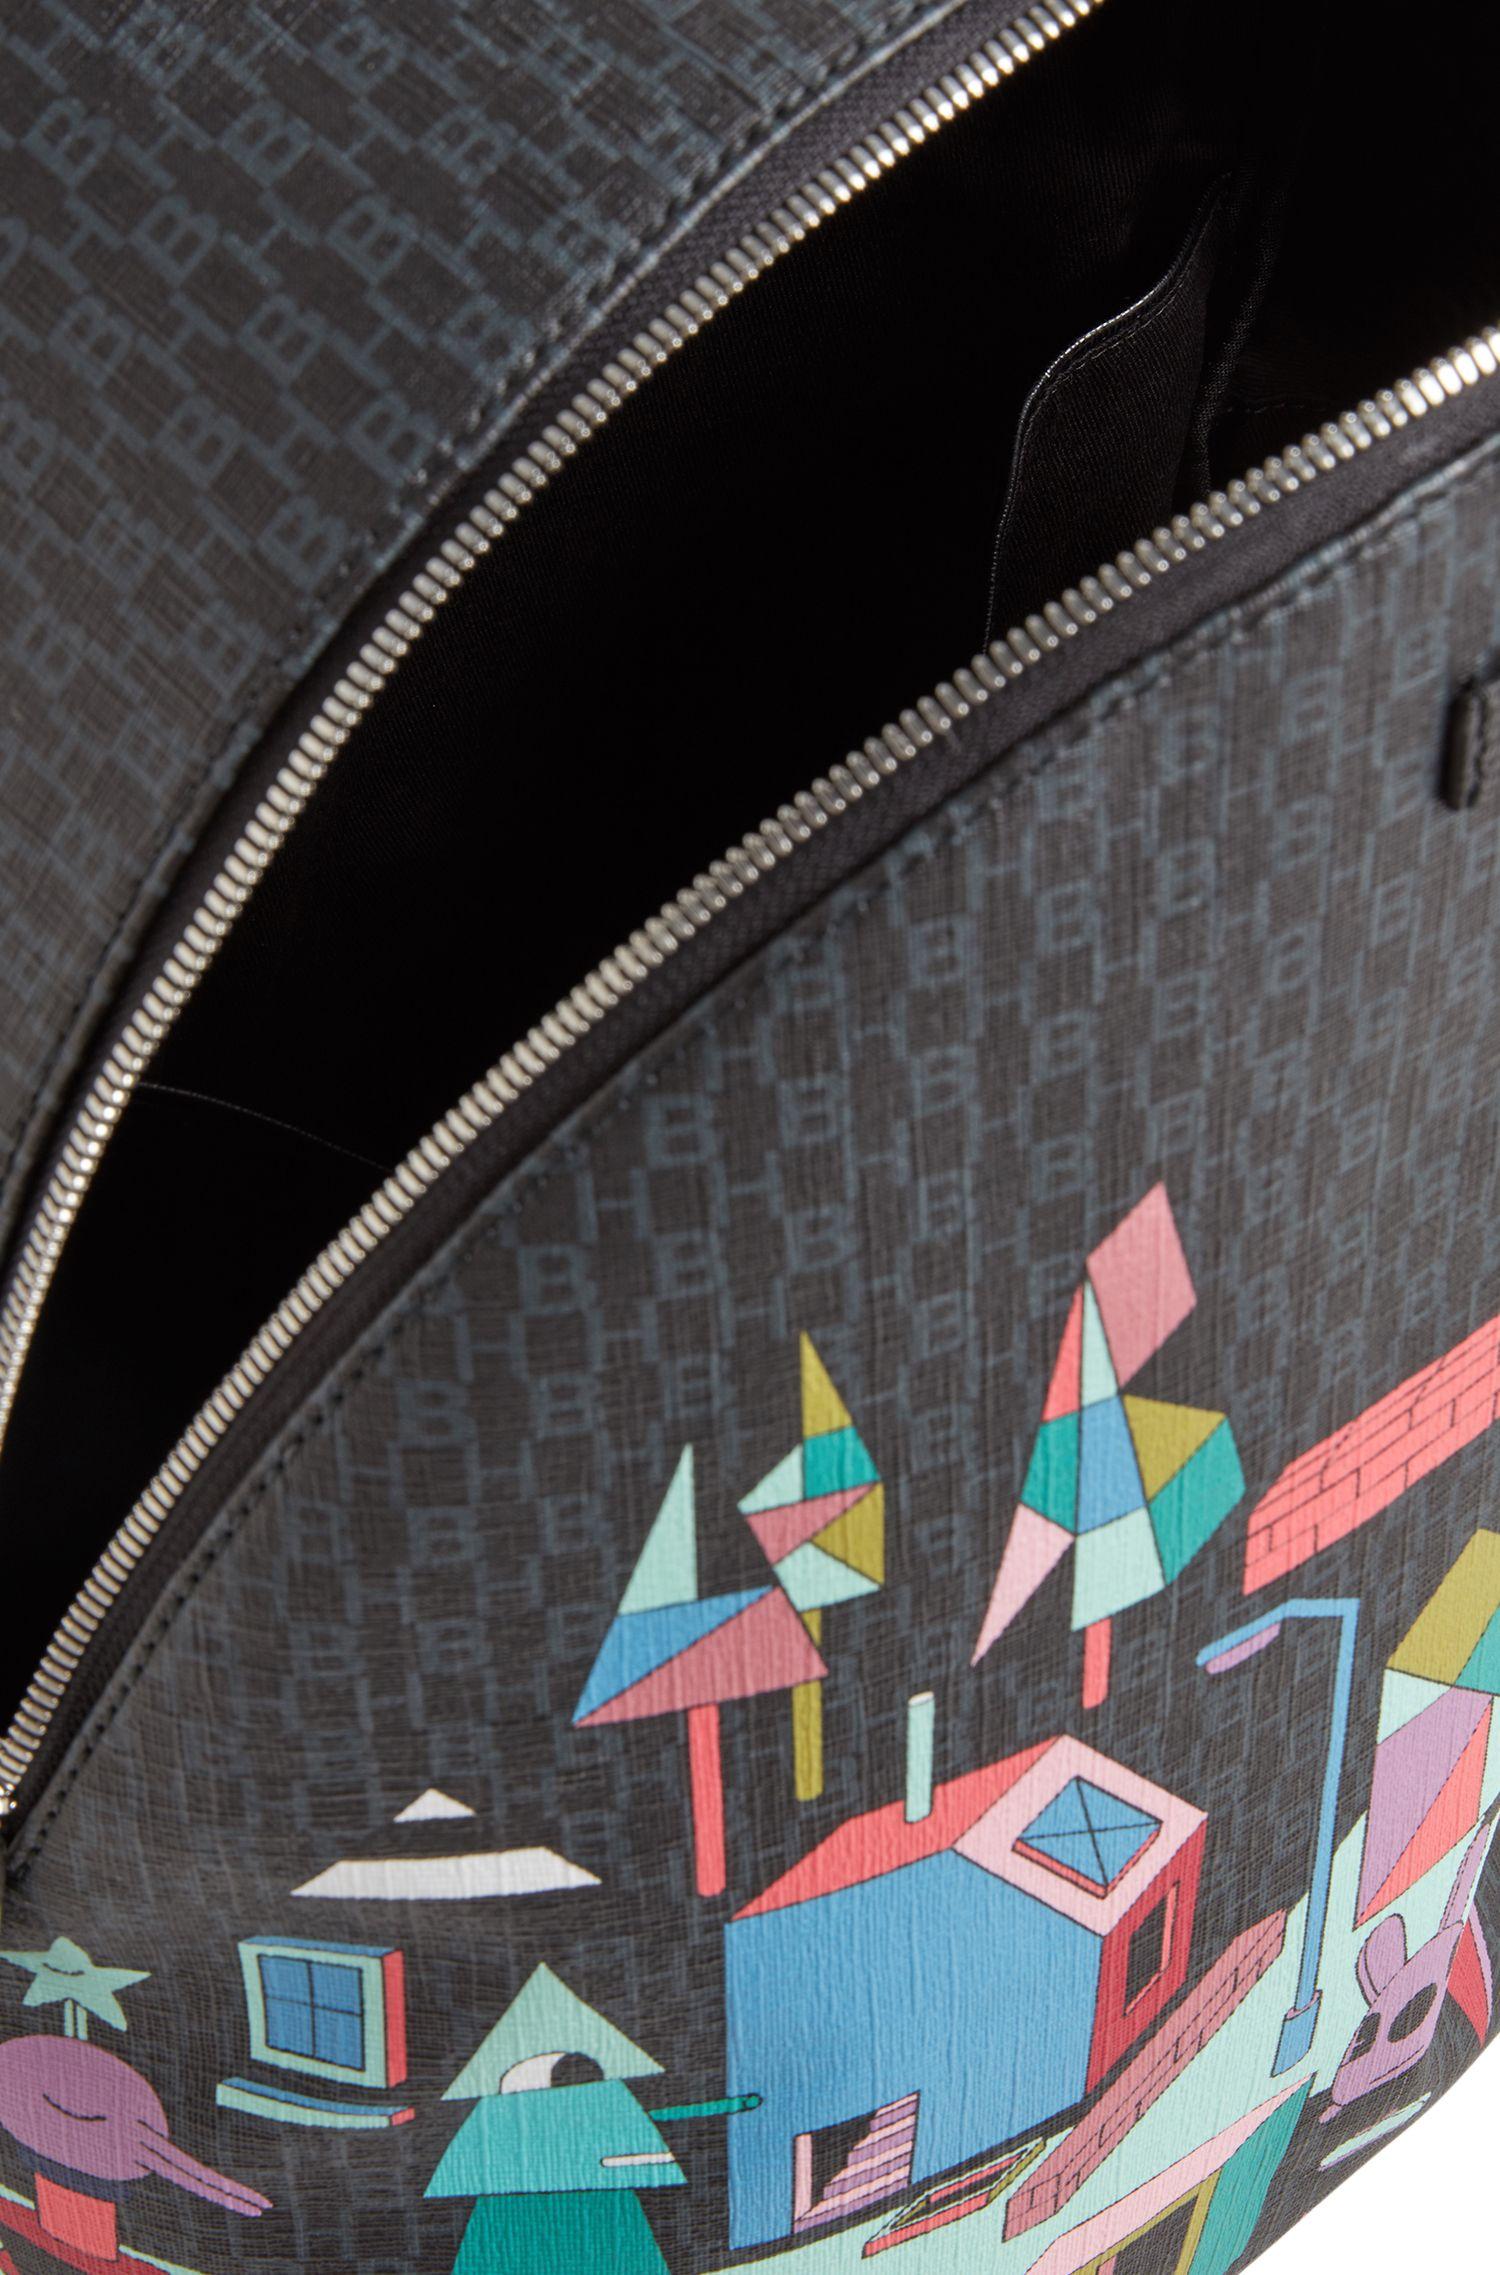 Sac à dos monogrammé en édition limitée orné d'un imprimé paysage coloré Jeremyville, Fantaisie